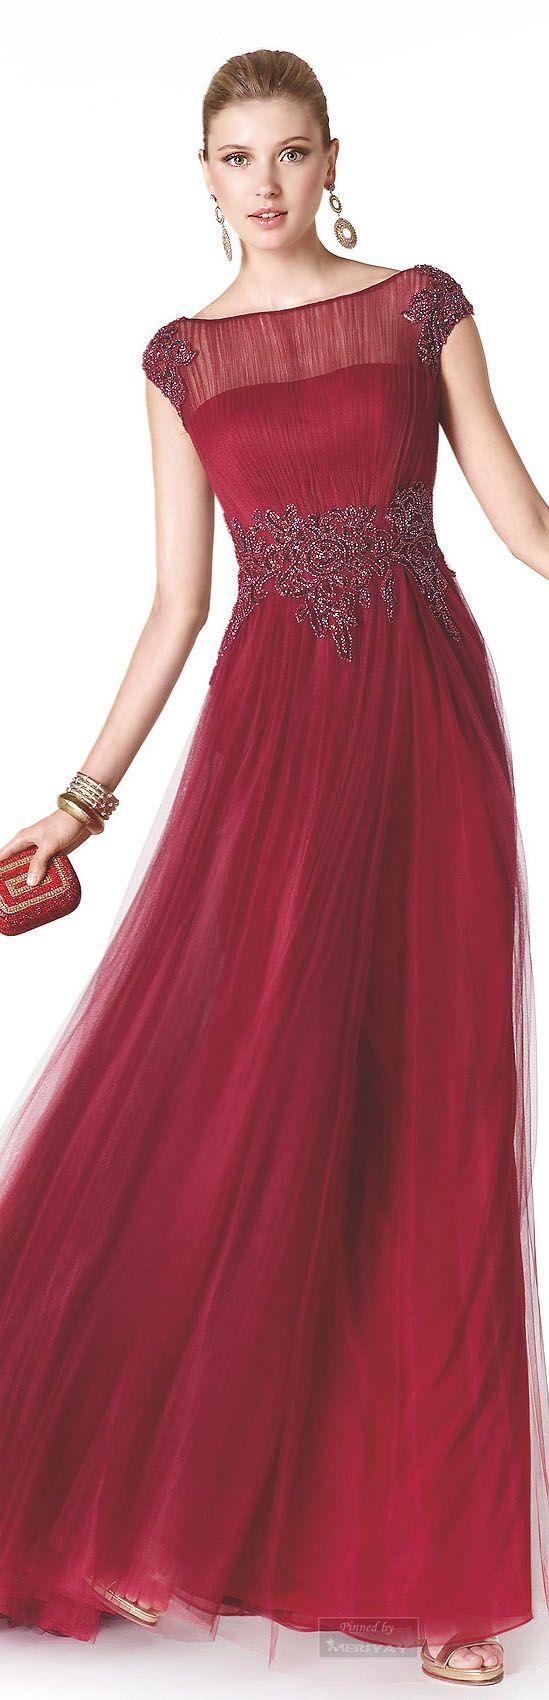 Dicen que el ojo en Nochevieja es el color que te proporciona amor todo el año, atrévete con un vestido rojo para la fiesta y disfruta de un año repleto de amor